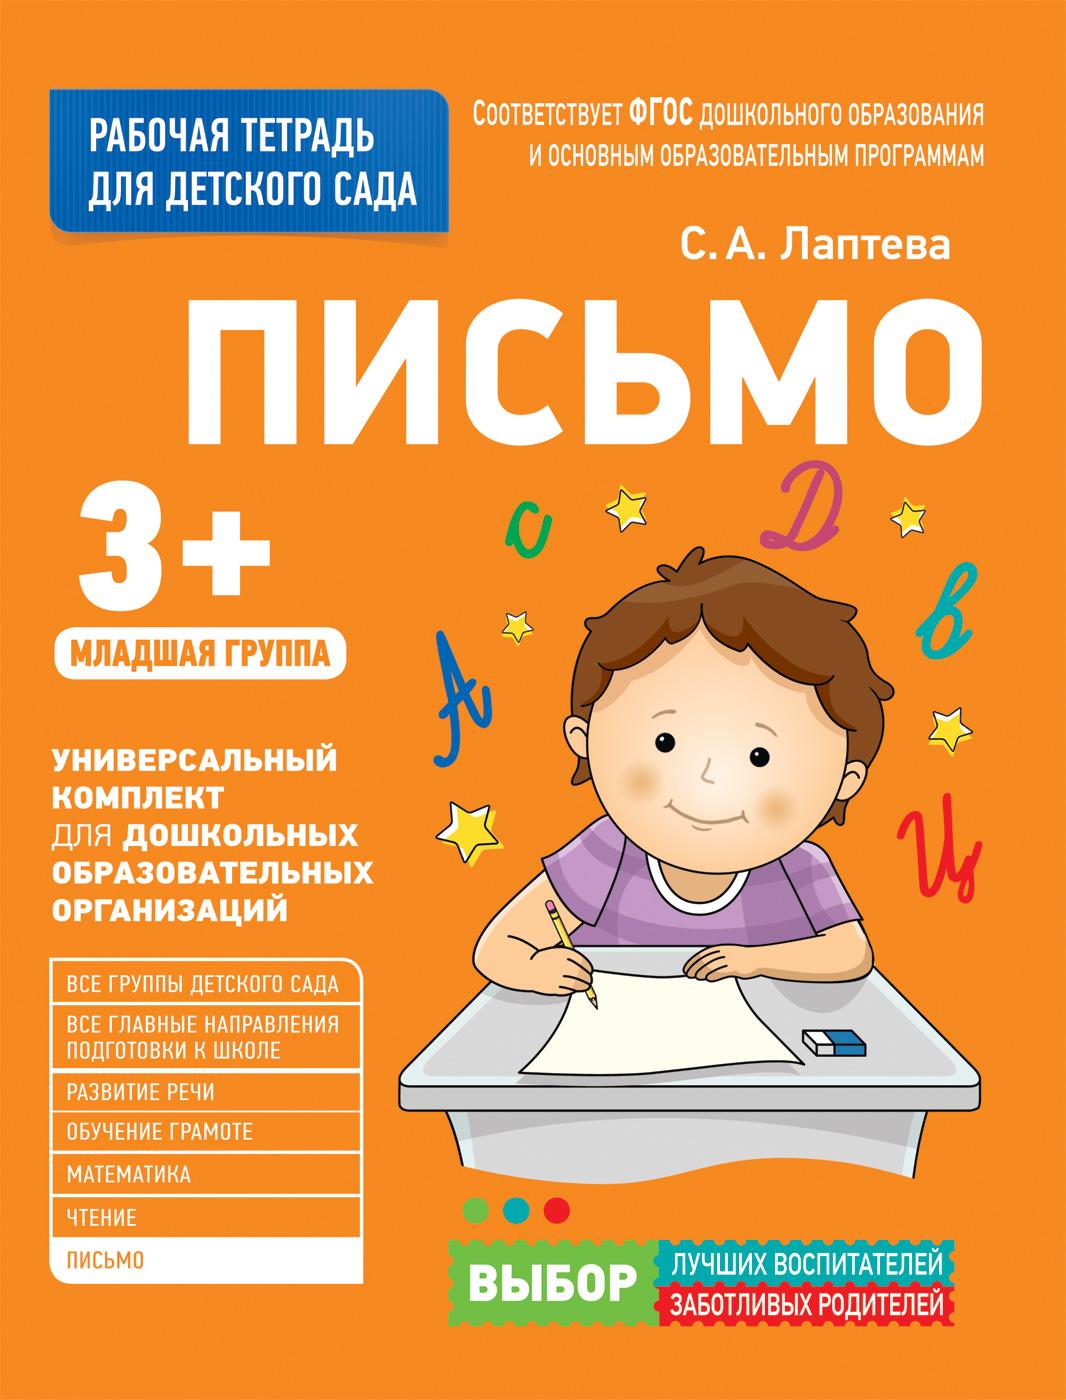 Лаптева С. А. Для детского сада. Письмо. Младшая группа. Рабочая тетрадь